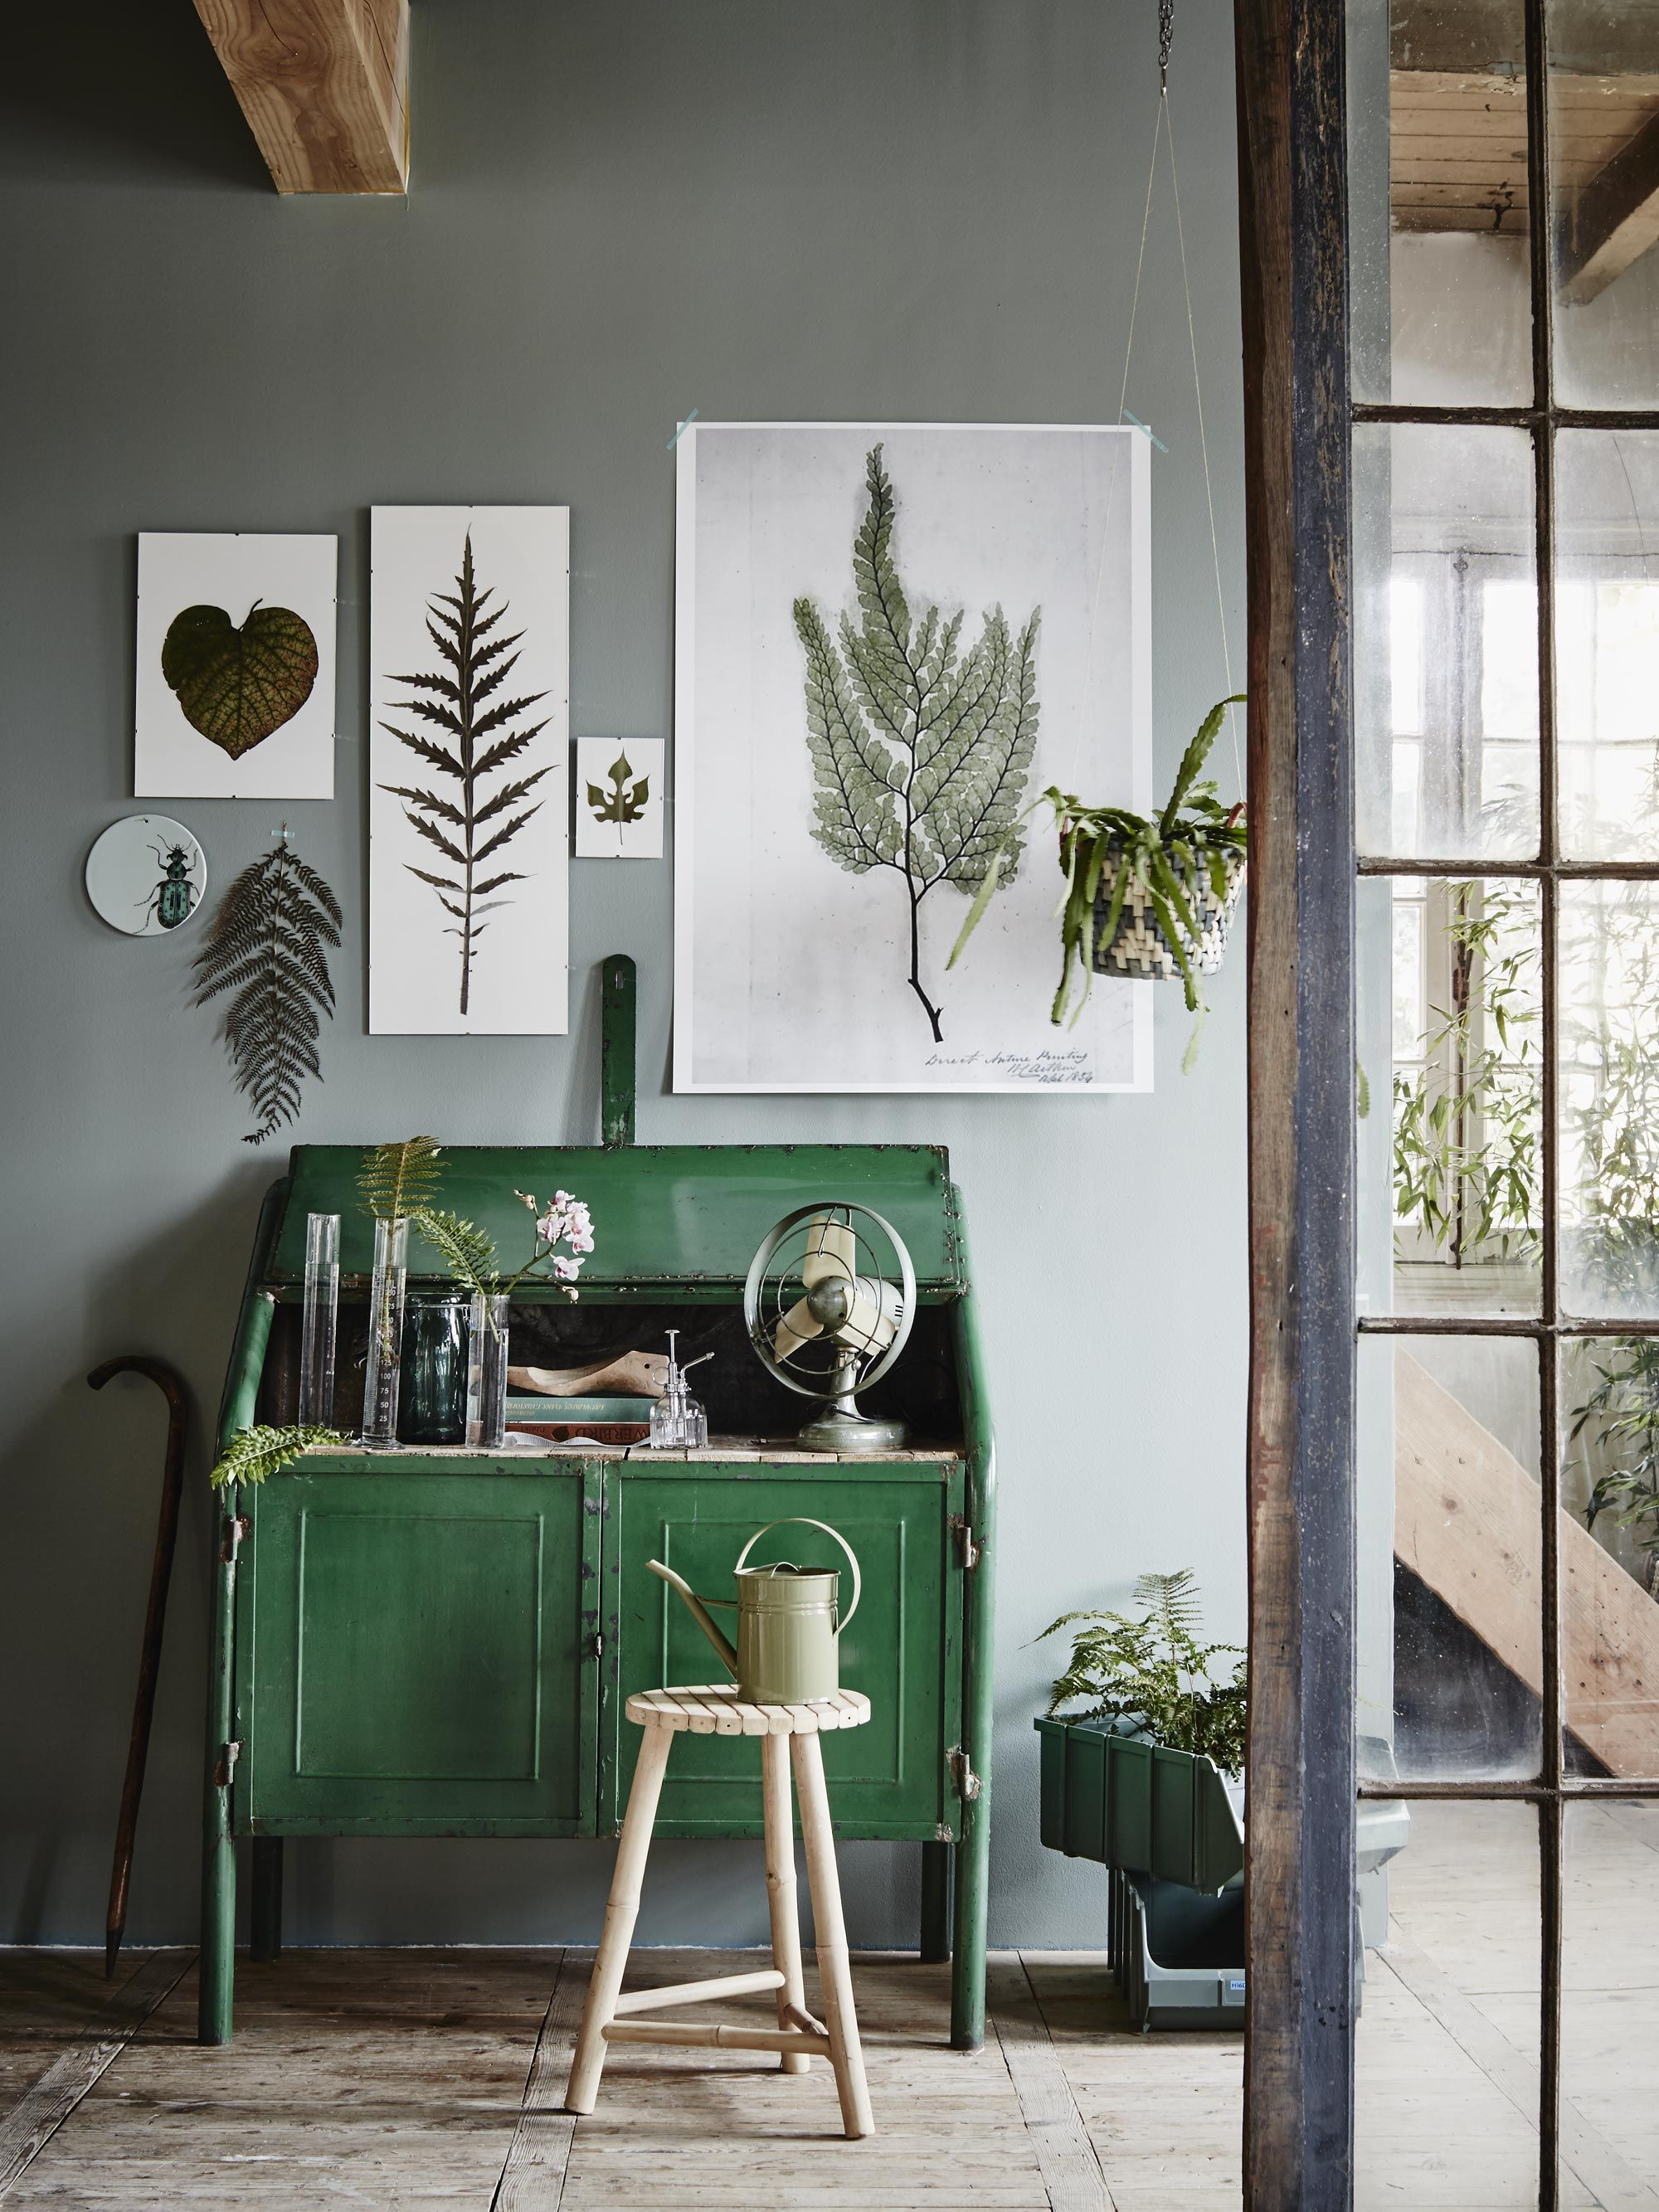 Die Dunkelgrüne Kommode Mit Lack Streichen U0026 Die Wand In Diesem Tollen Grau.  Schon Ist´s Fertig! #KOLORAT #Wohnideen #Grau #Grün